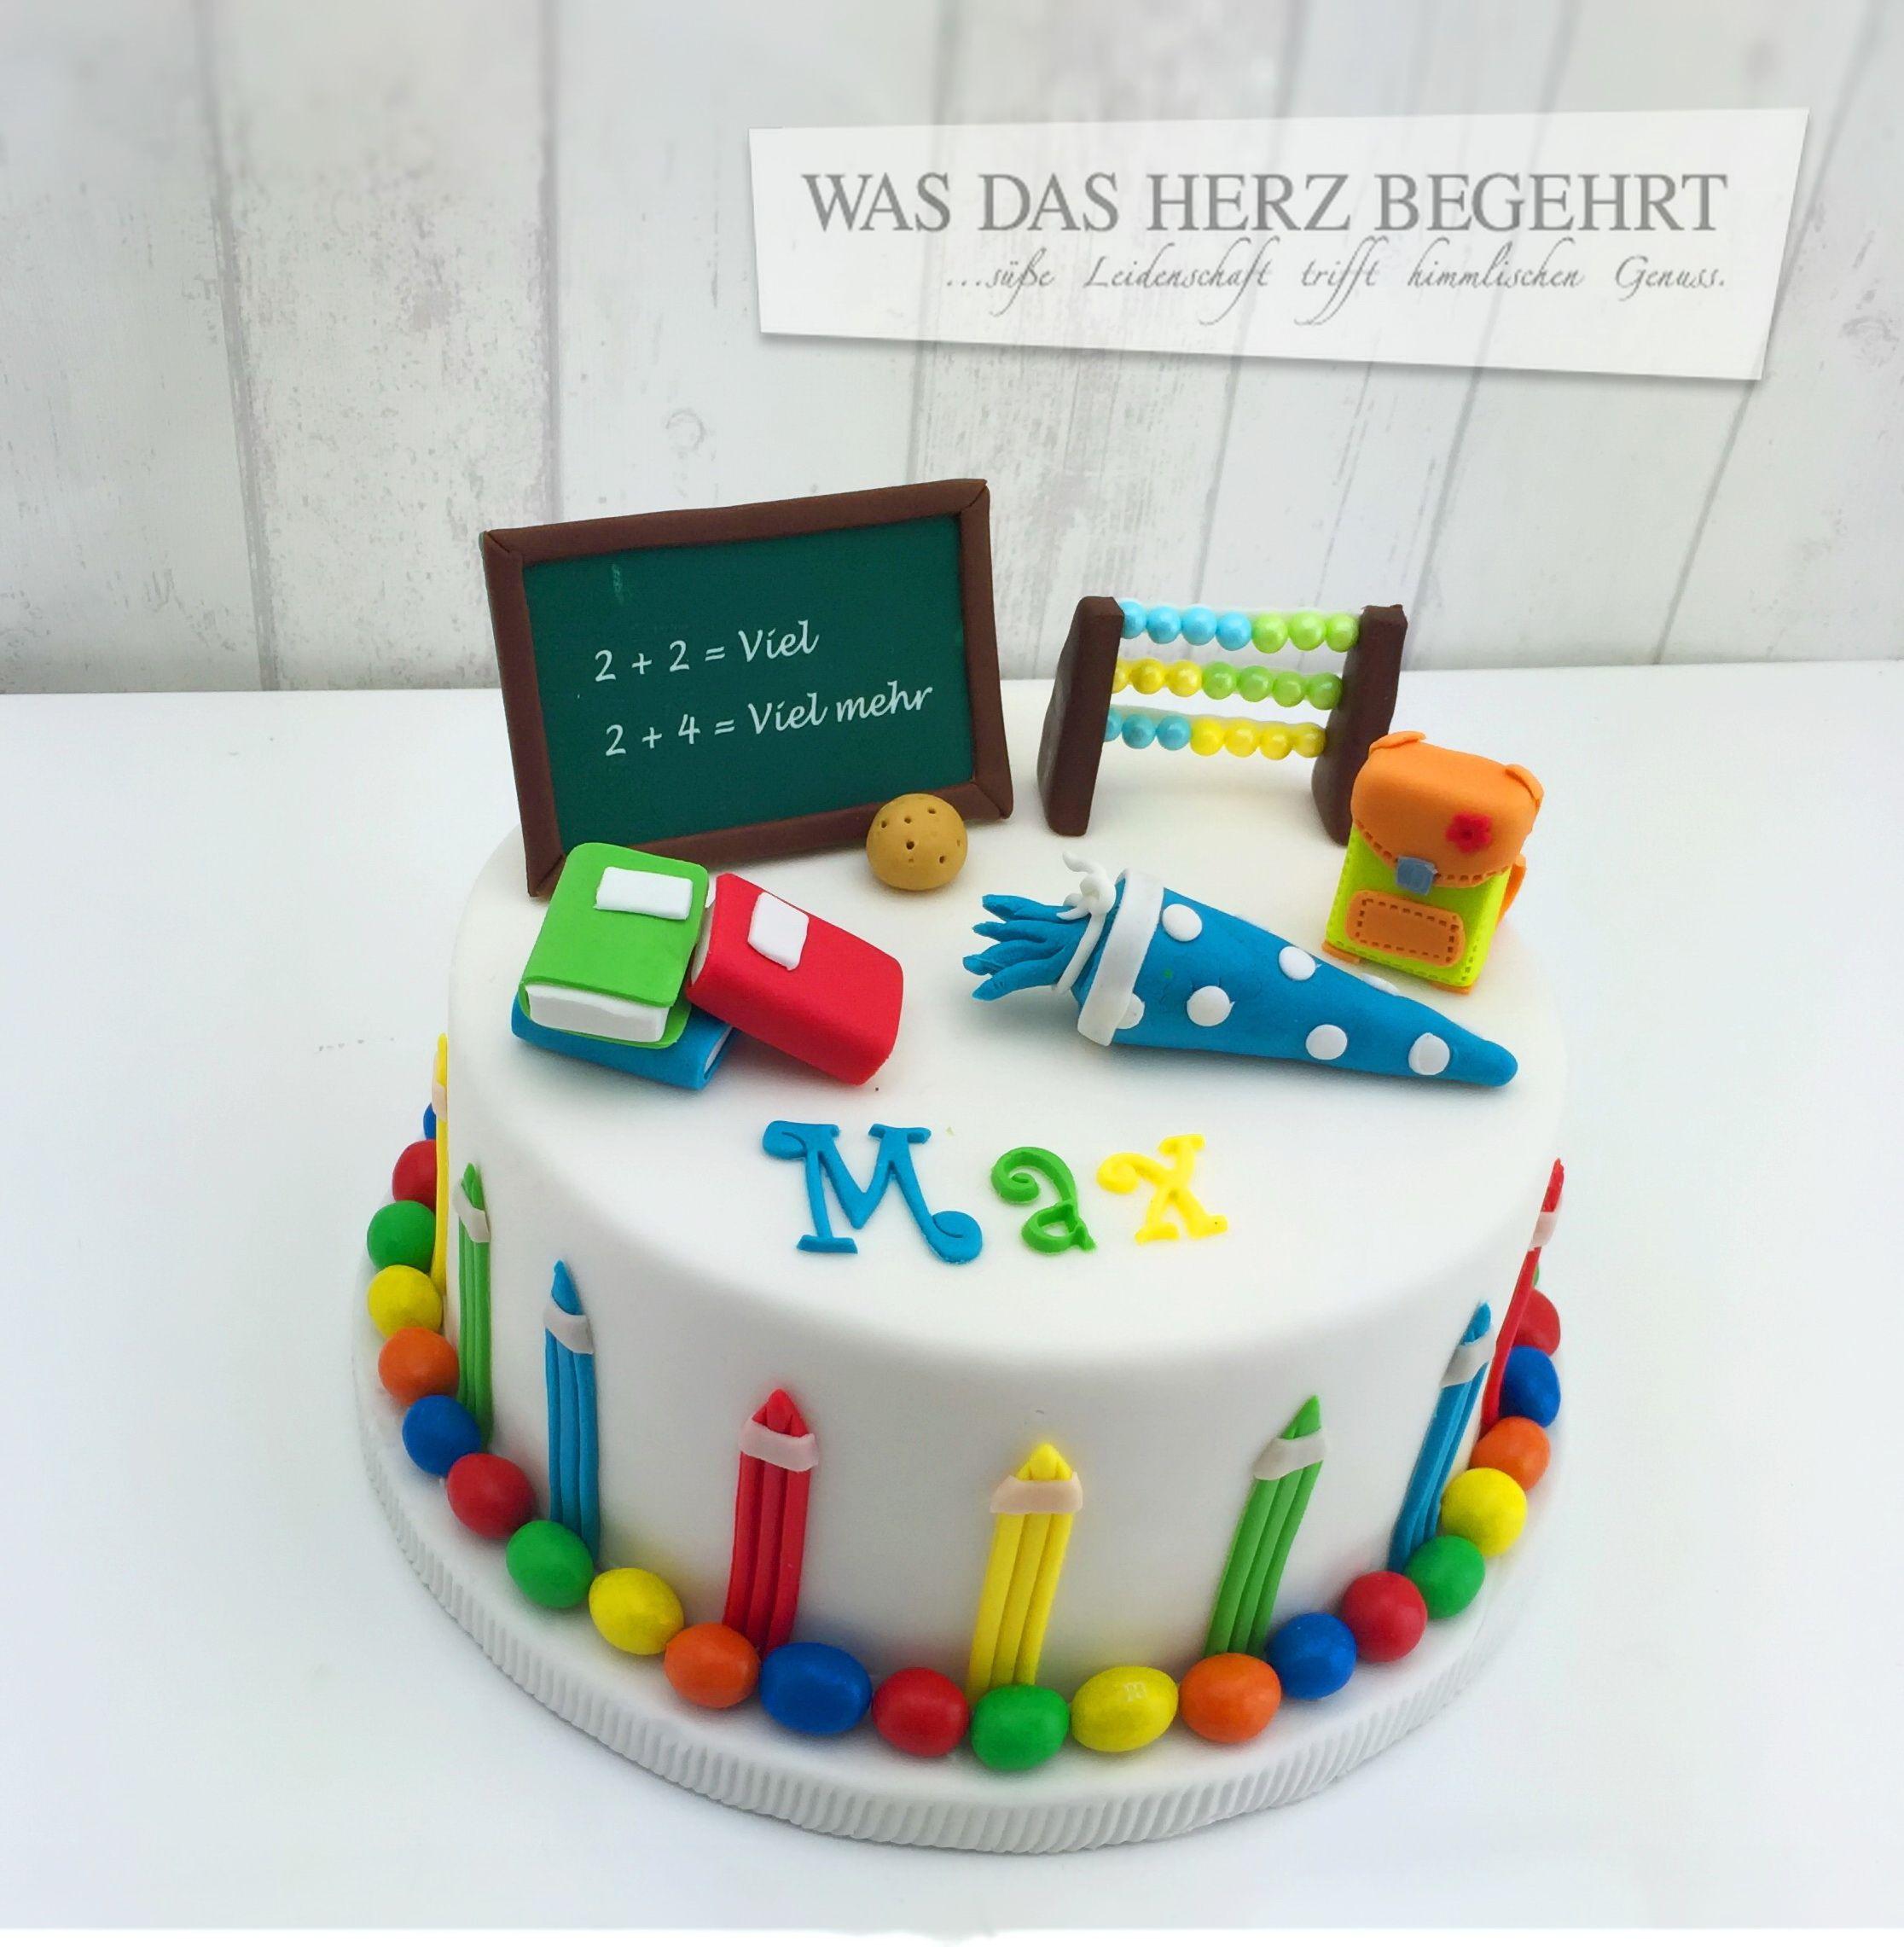 Einschulungstorte Wasdasherzbegehrt Tortendeko Yummy Fondanttorten Motivtorten Hamburg Kuchen Einschulung Torte Einschulung Lehrer Kuchen